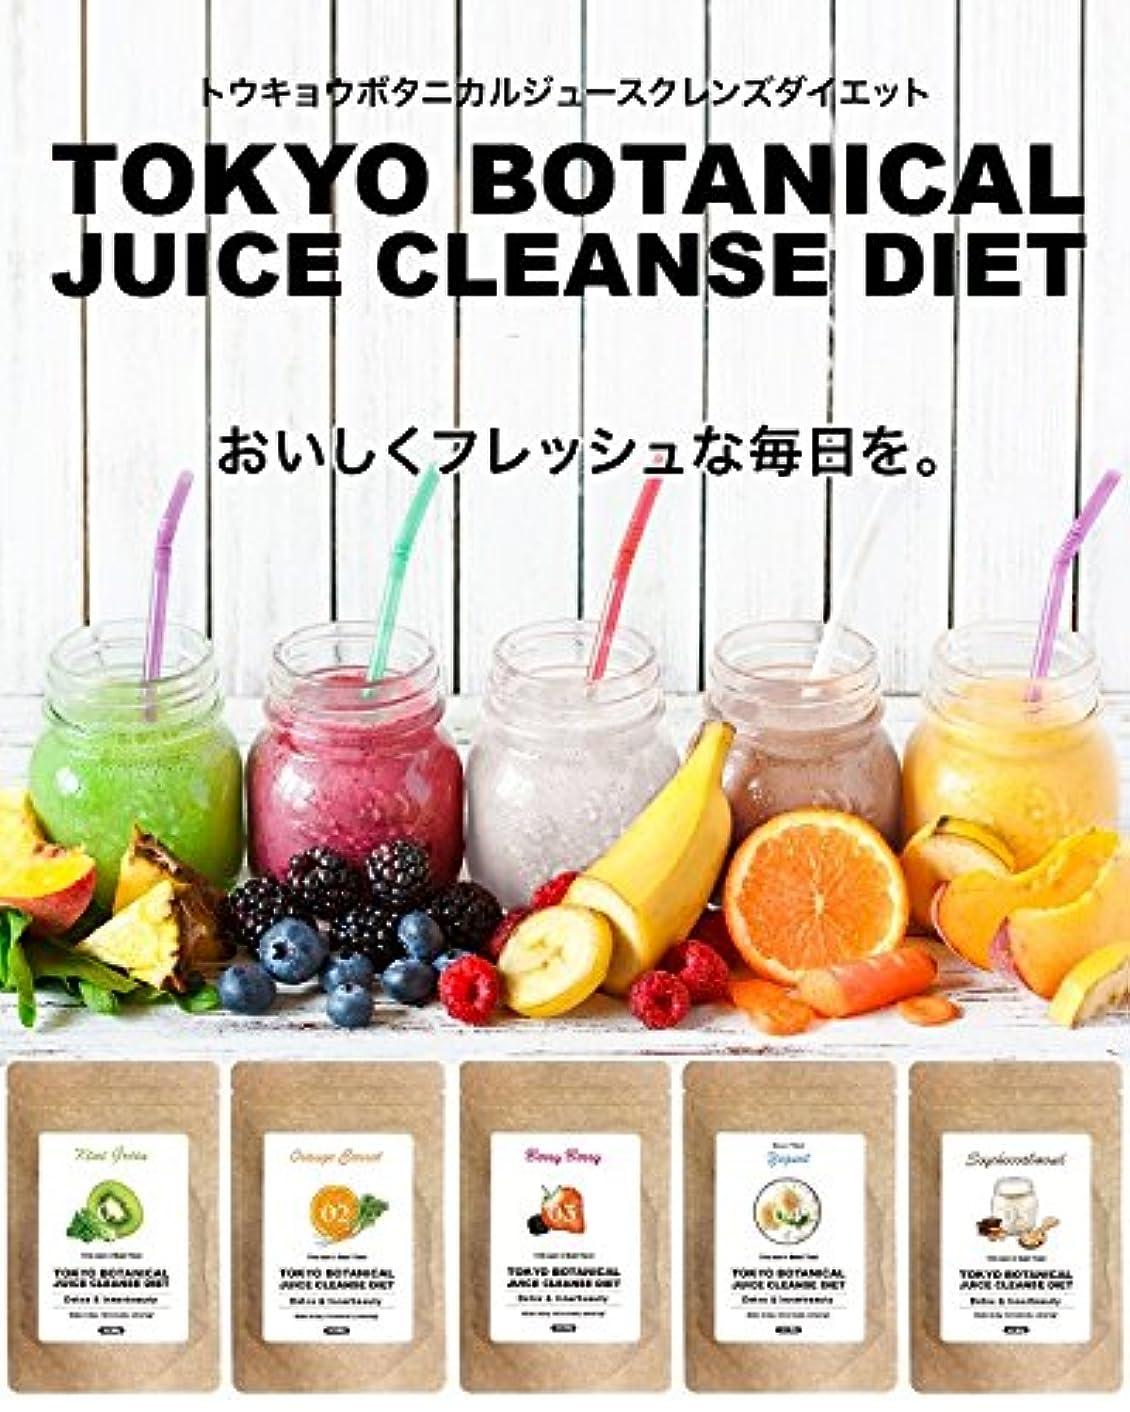 経験的粗いお手伝いさんダイエット 東京ボタニカルジュースクレンズダイエット  キウイグリーン&オレンジキャロットセット